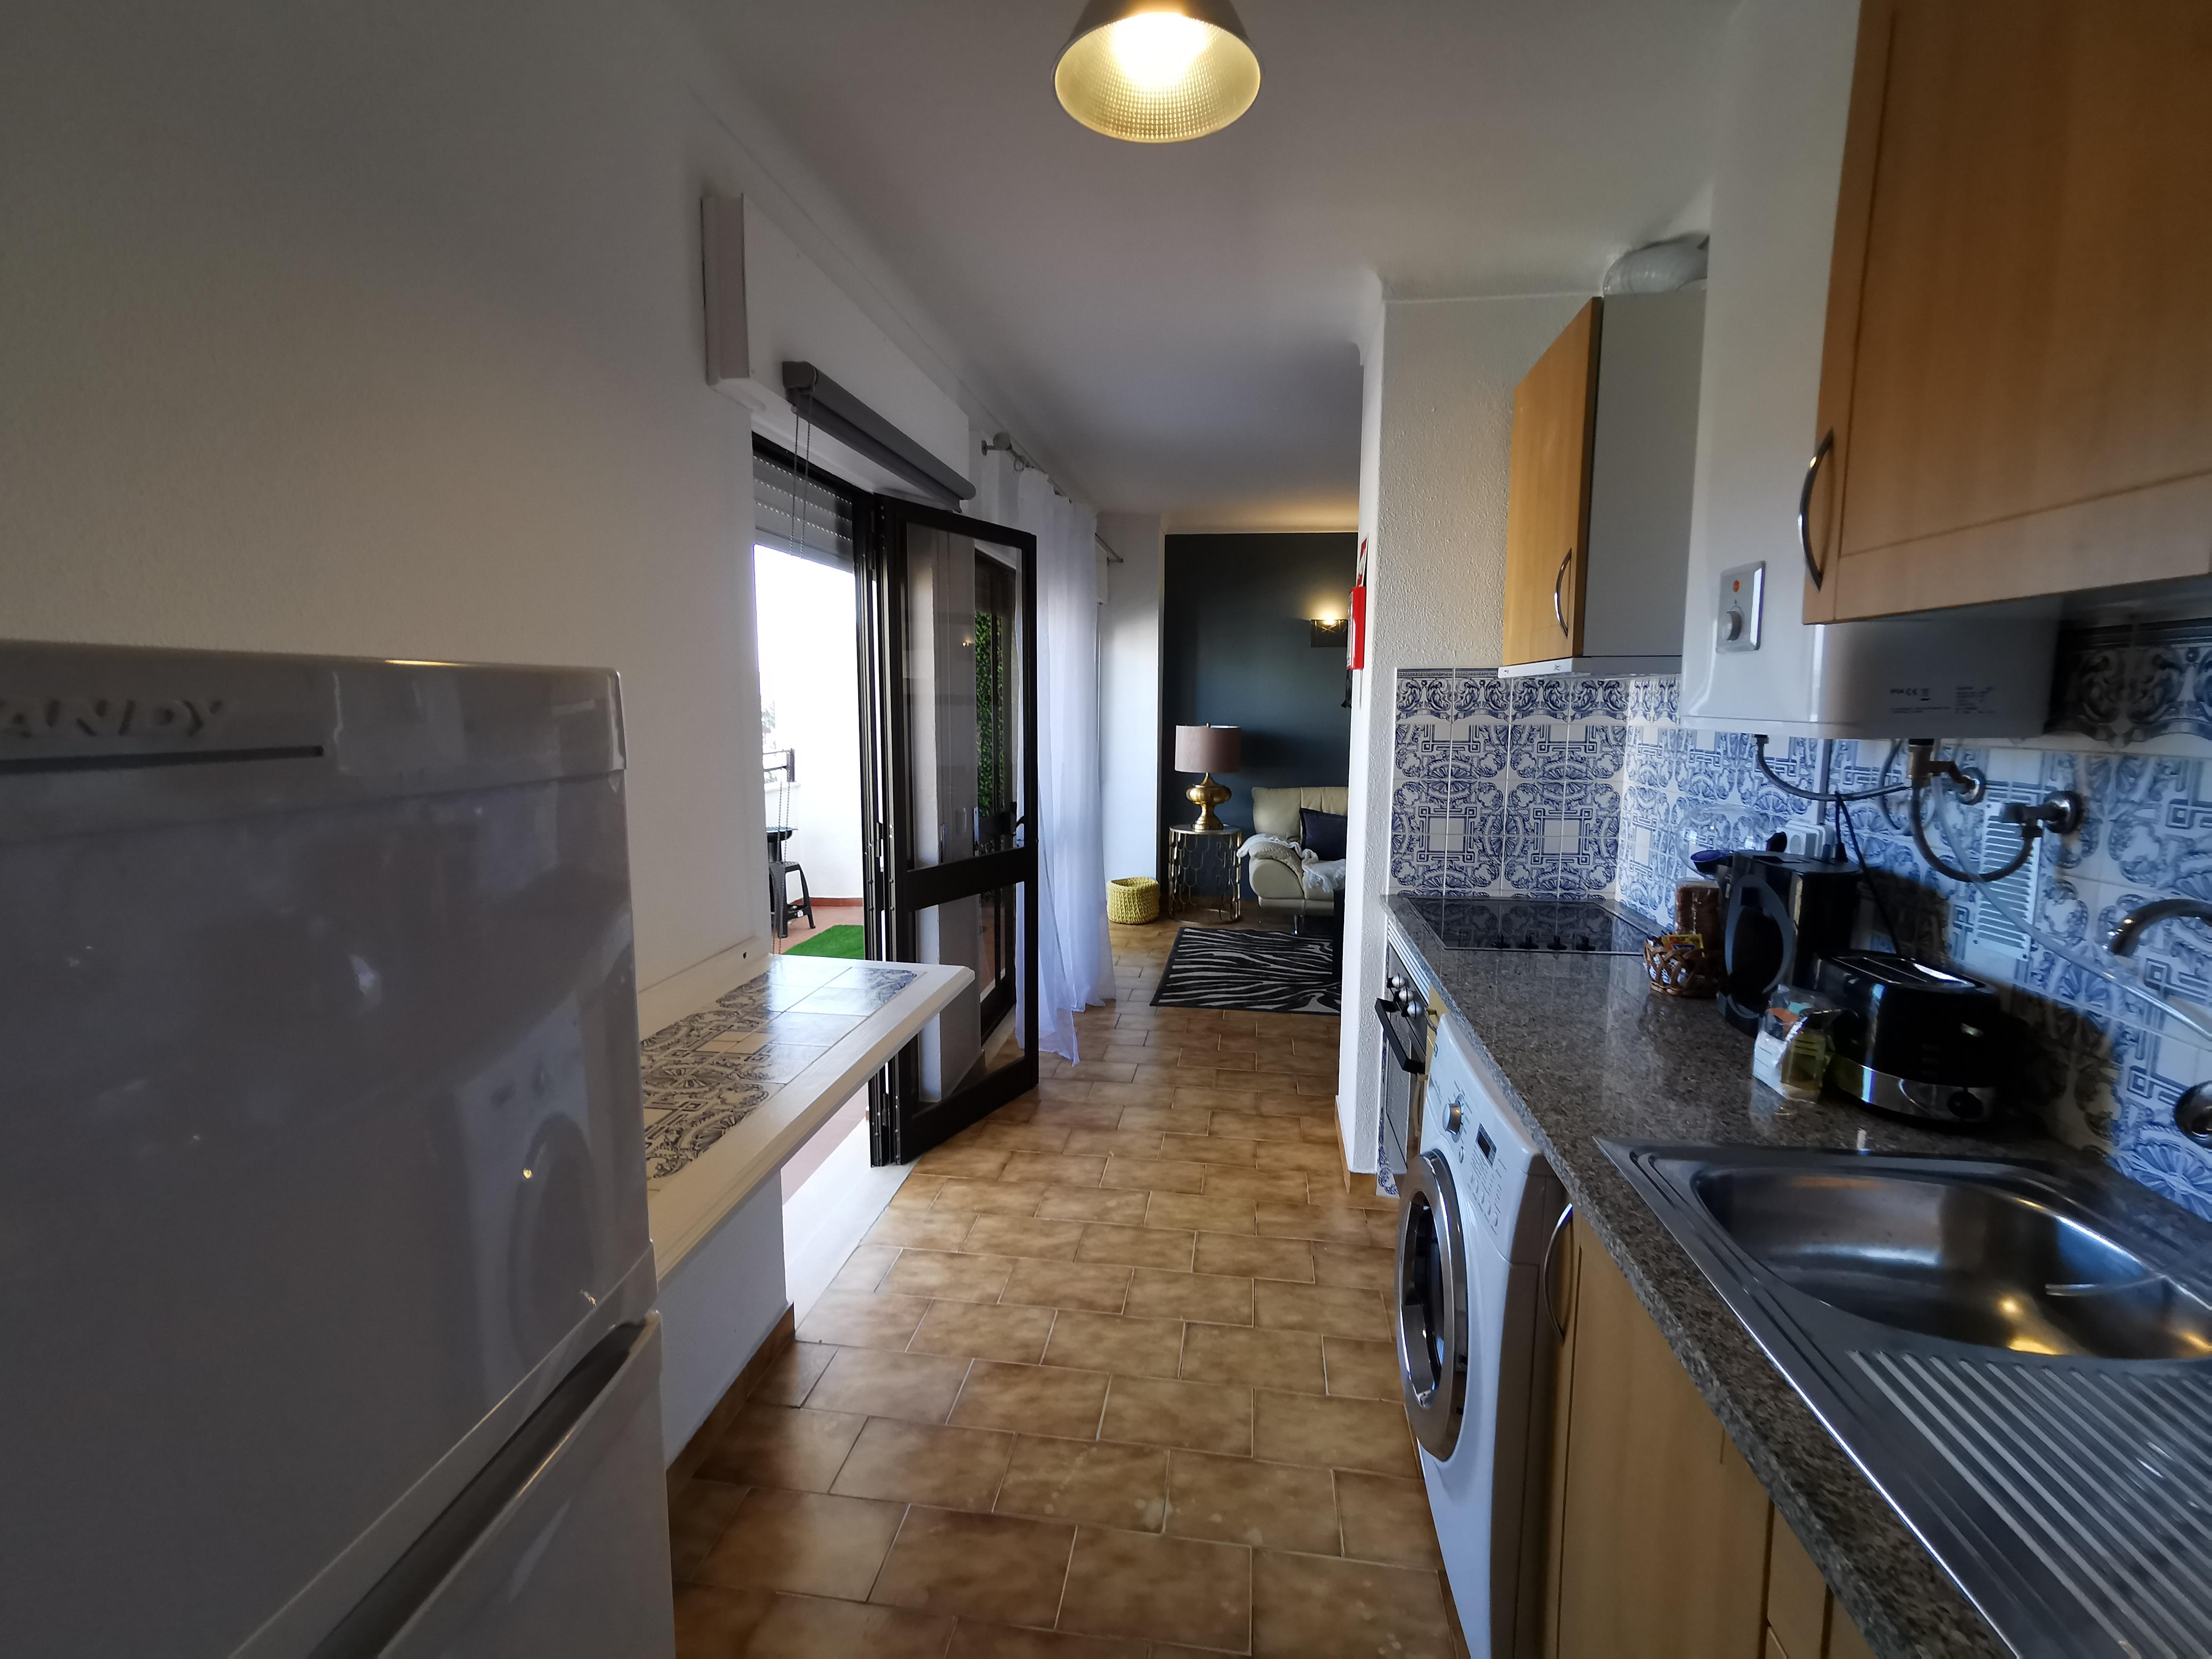 Location appartements et villas de vacance, T1 Encosta do Vau à Portimão, Portugal Algarve, REF_IMG_11603_11613